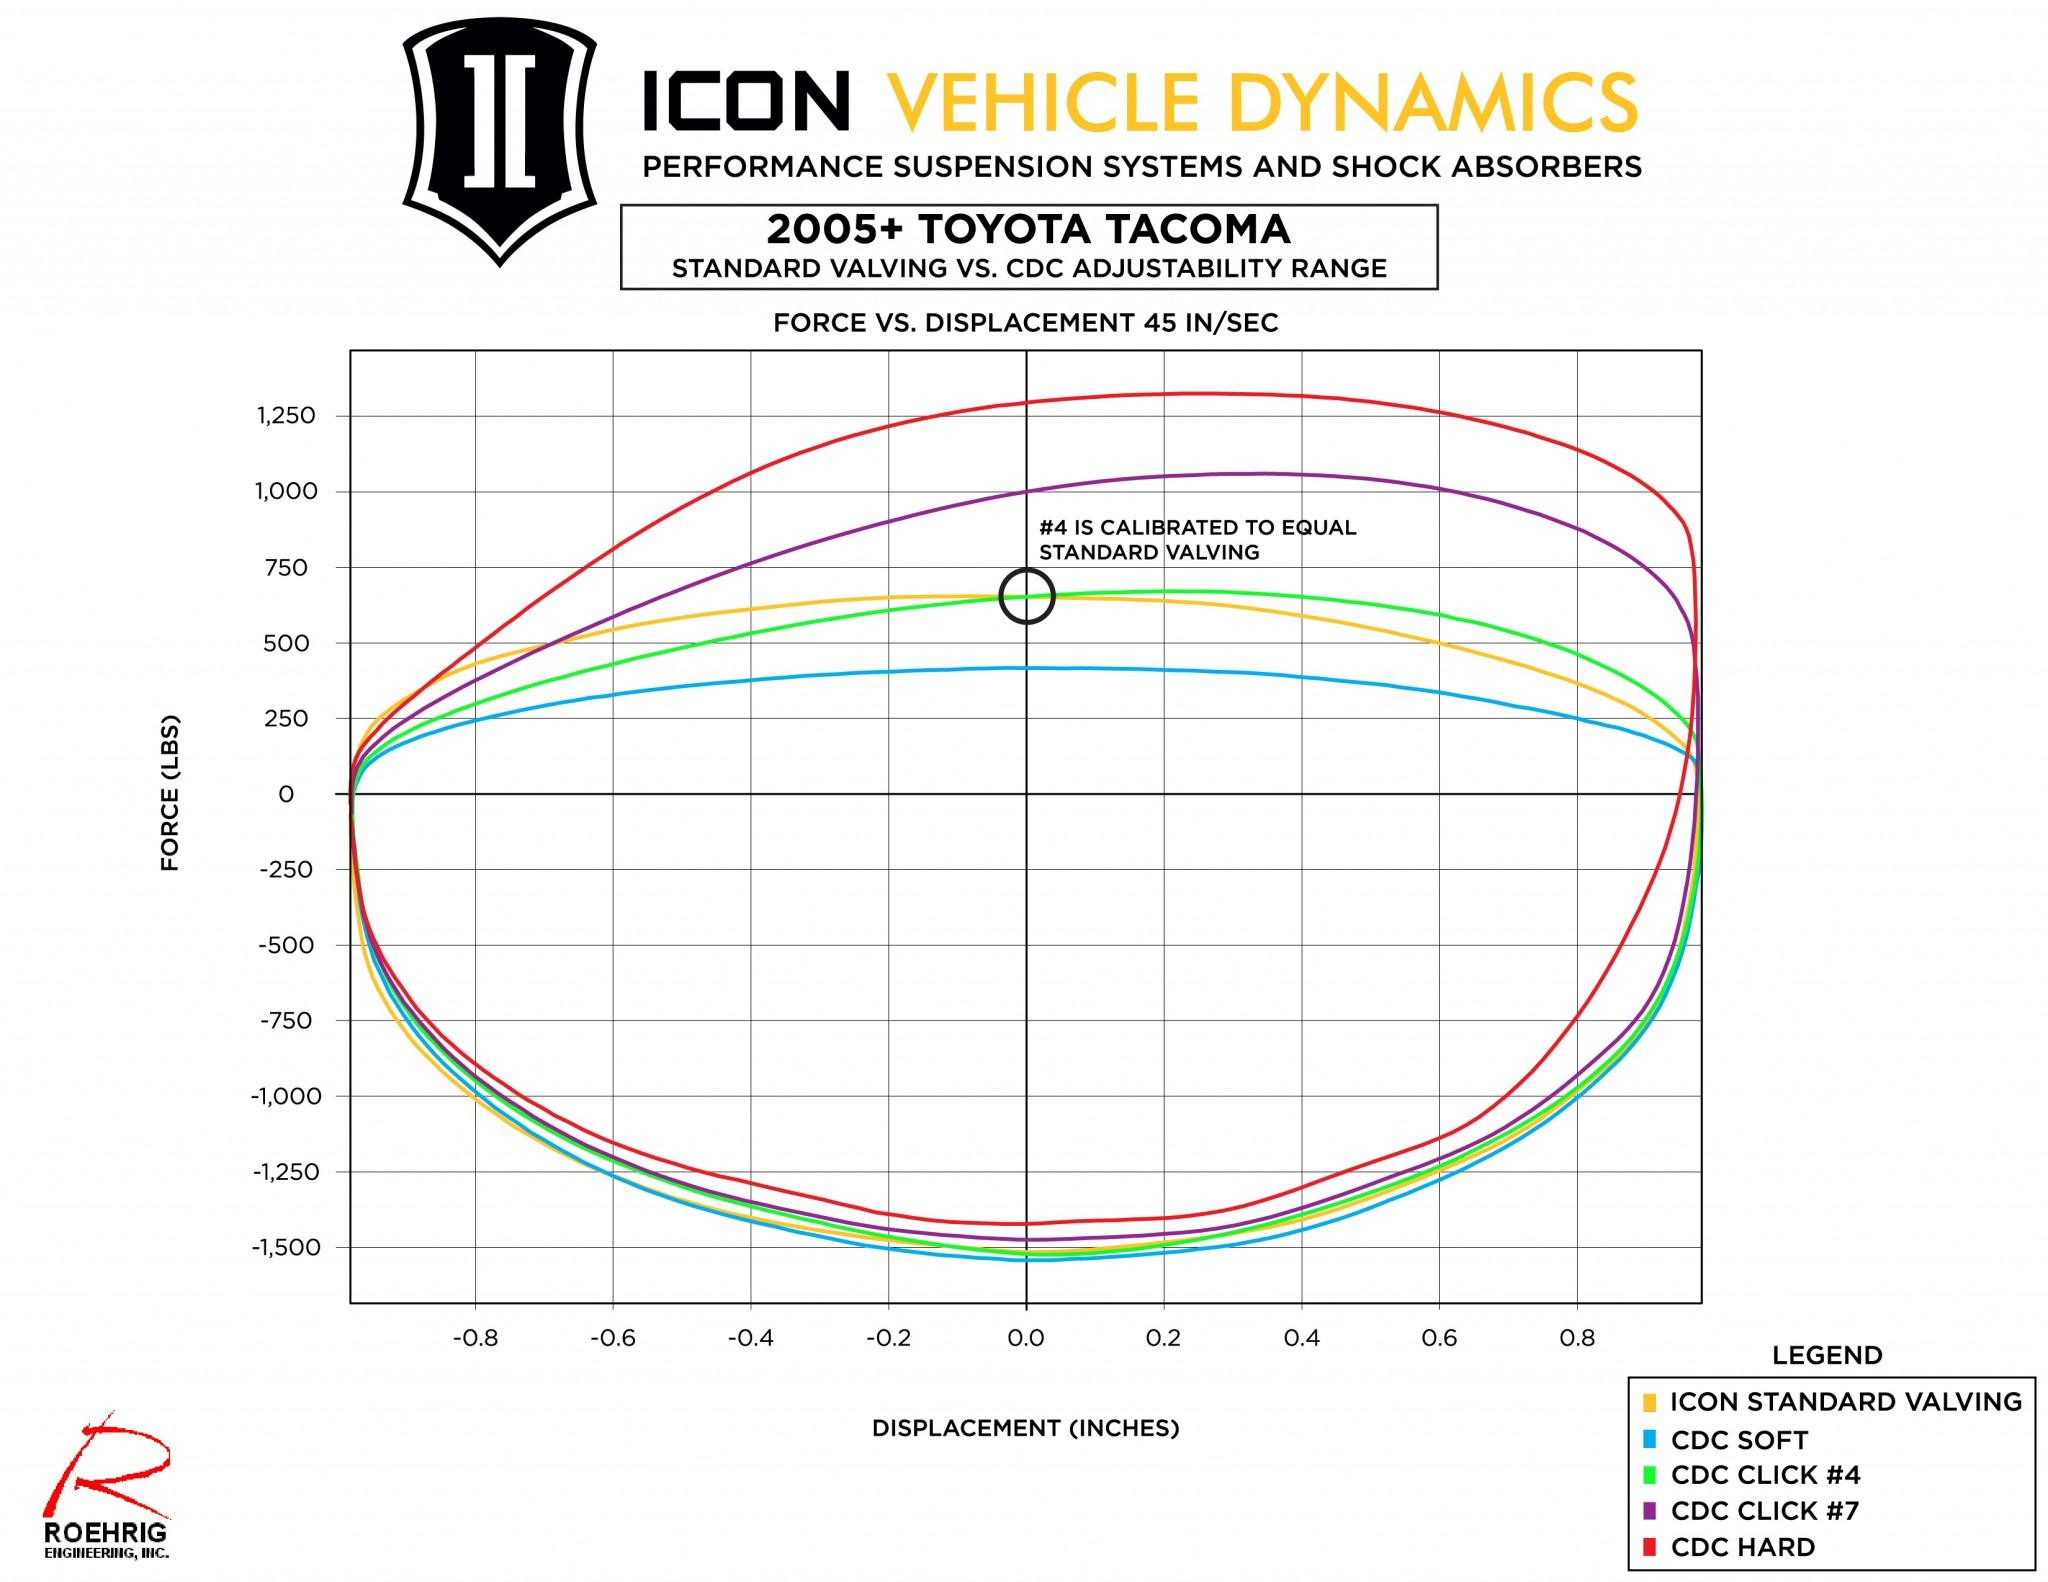 58730c_cdc_dyno_graph_icon